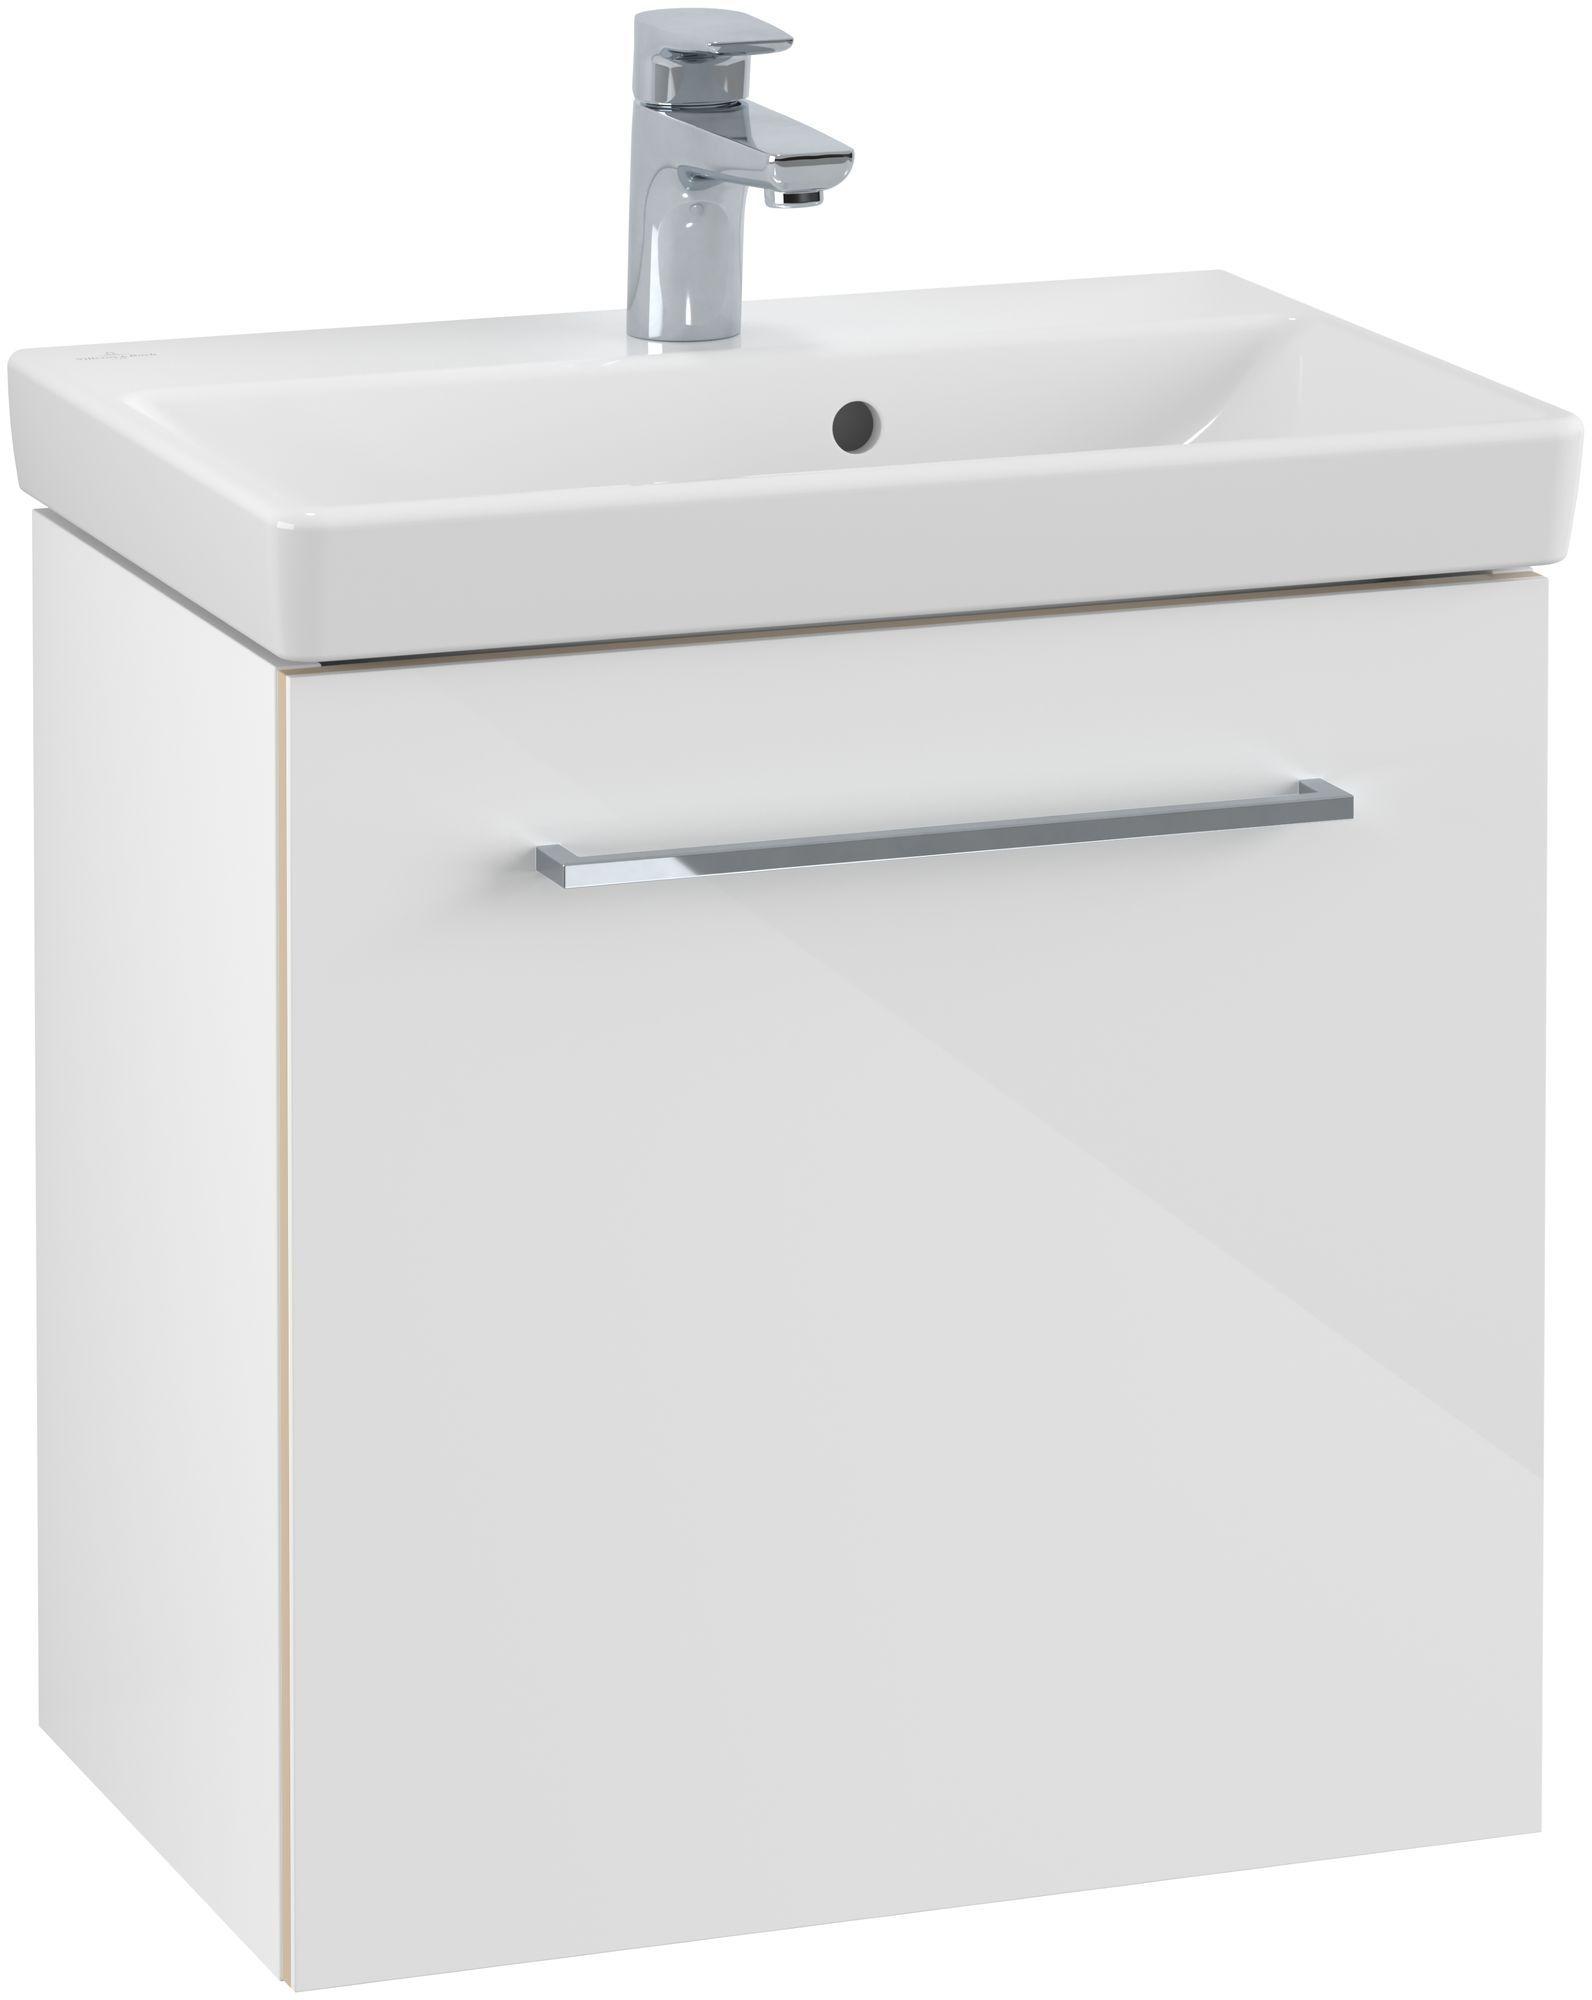 Villeroy & Boch Avento Waschtischunterschrank mit 1 Tür Türanschlag links B:51,2xH:52xT:34,8 cm mit crystal white A88800B4